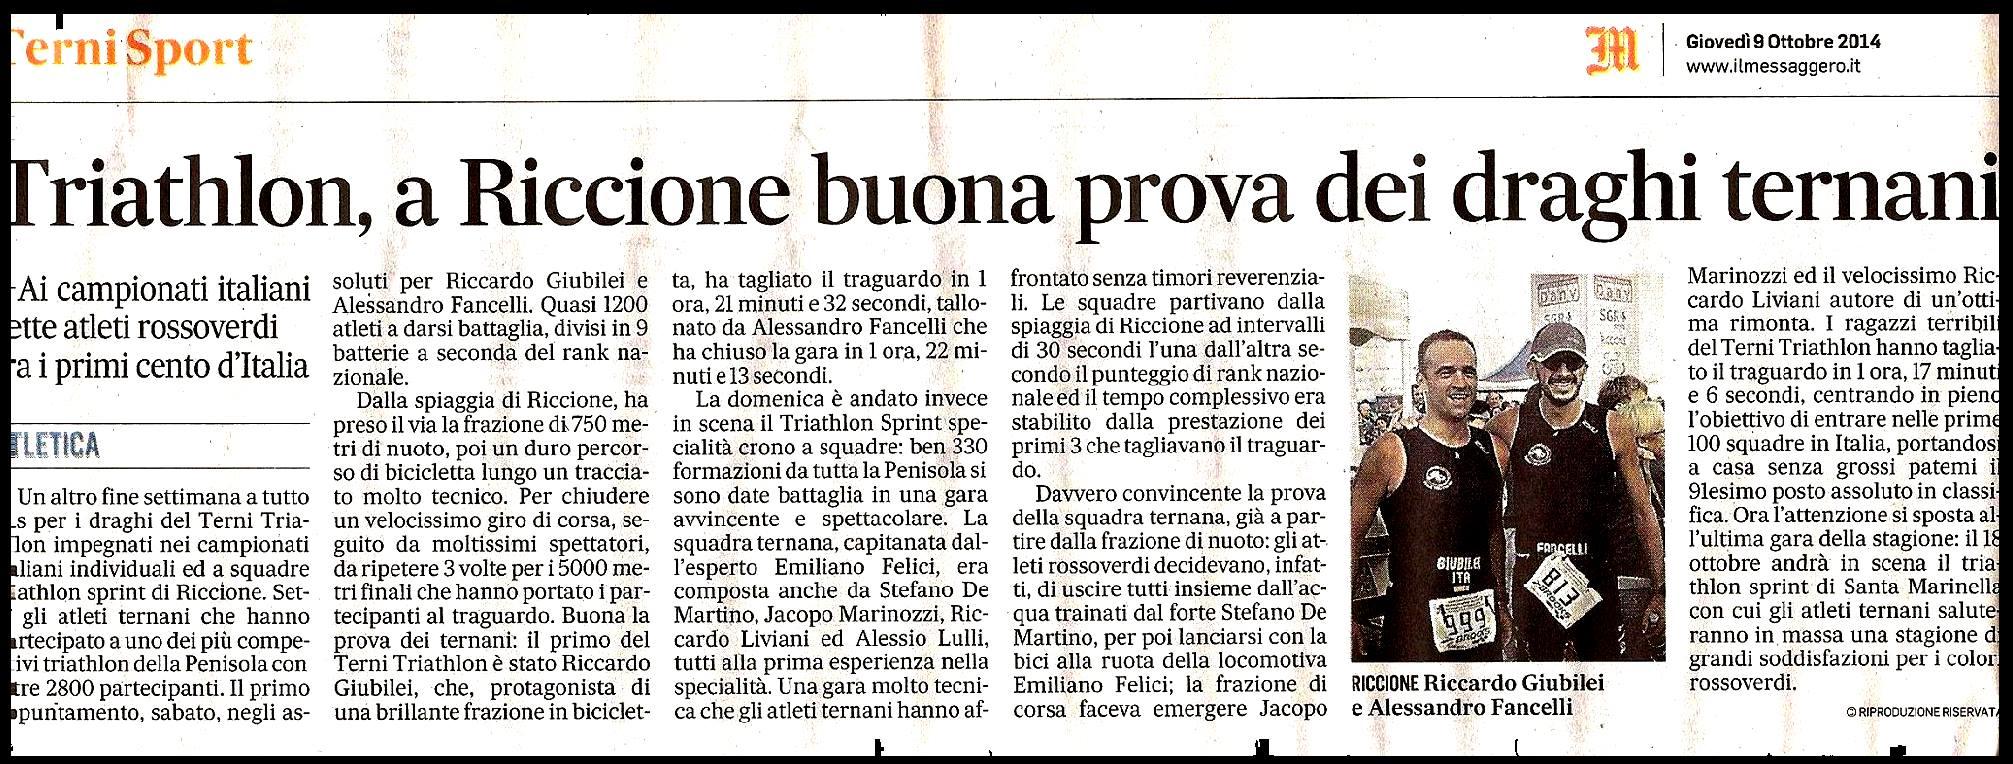 messaggero del 9 ottobre 2014 Terni Triathlon al campionato italiano